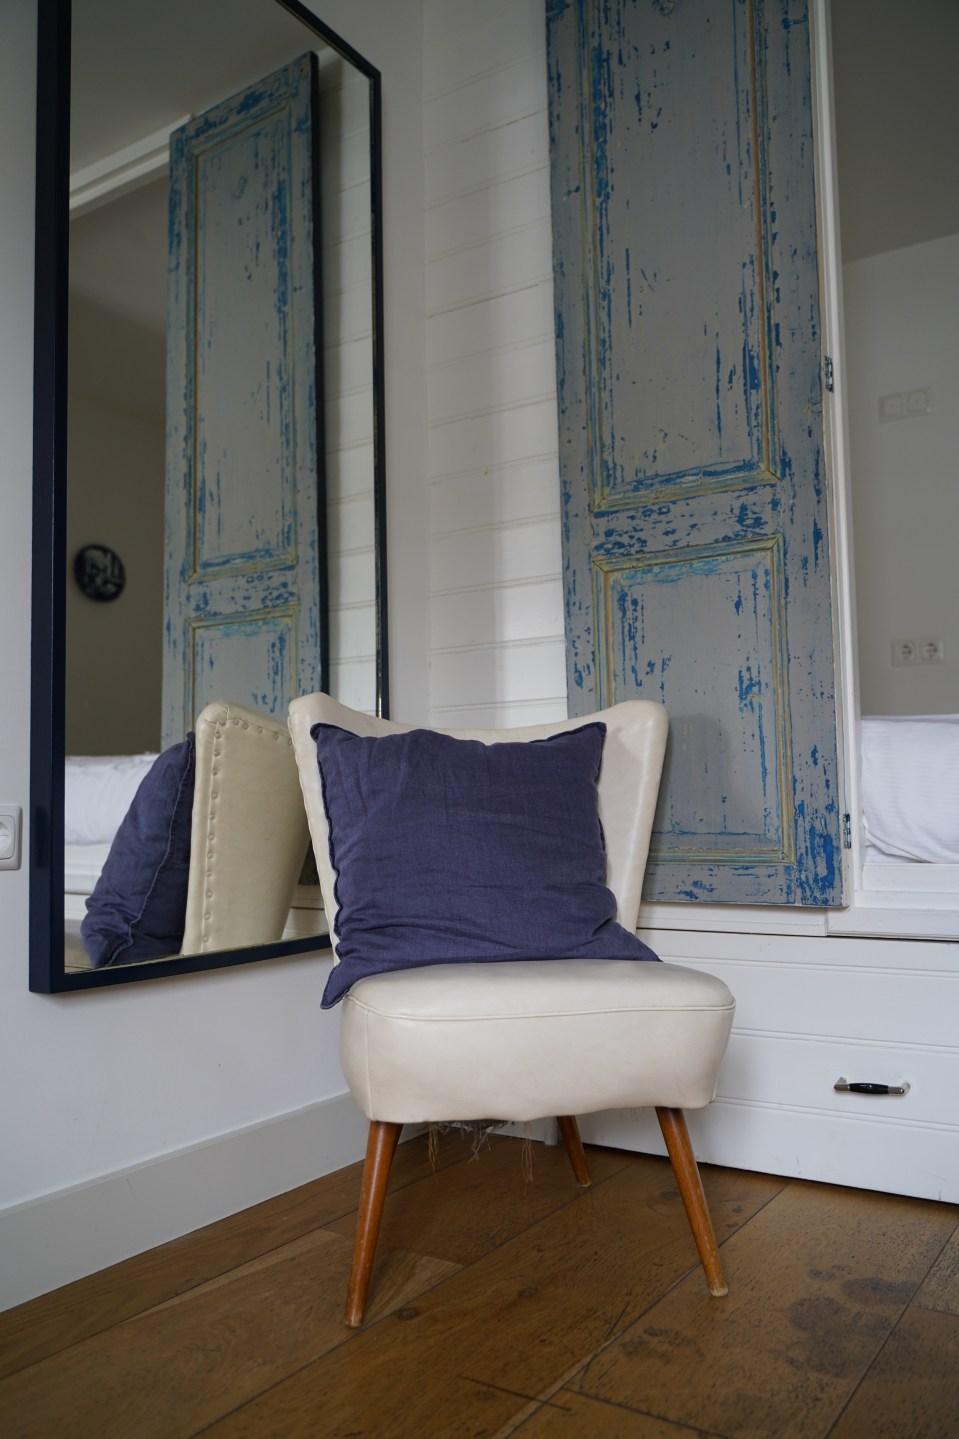 Zitje en spiegel